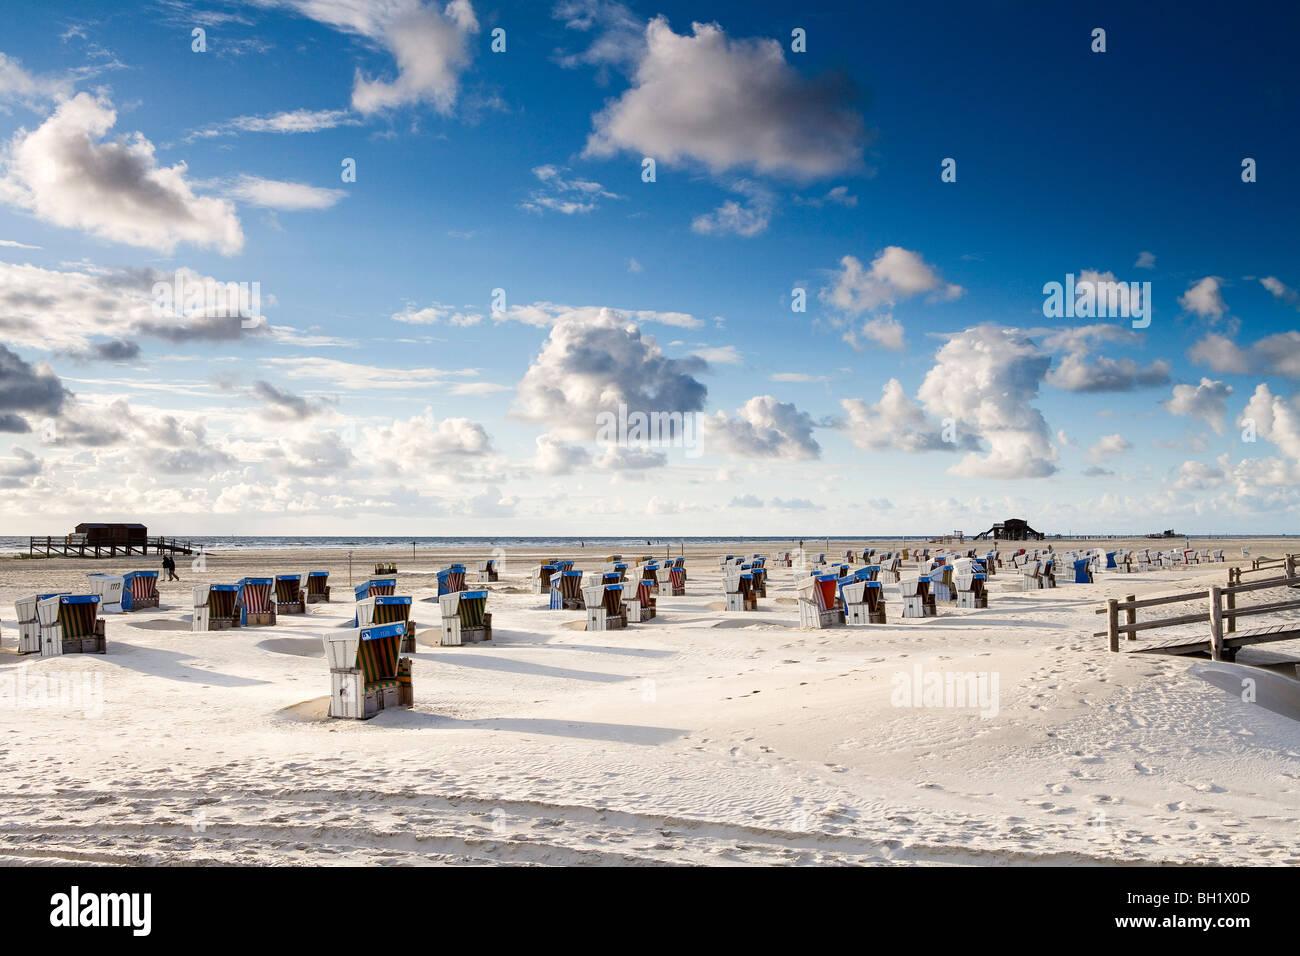 Liegestühle am Strand, St. Peter-Ording, Eiderstedt Halbinsel, Schleswig Holstein, Deutschland, Europa Stockbild